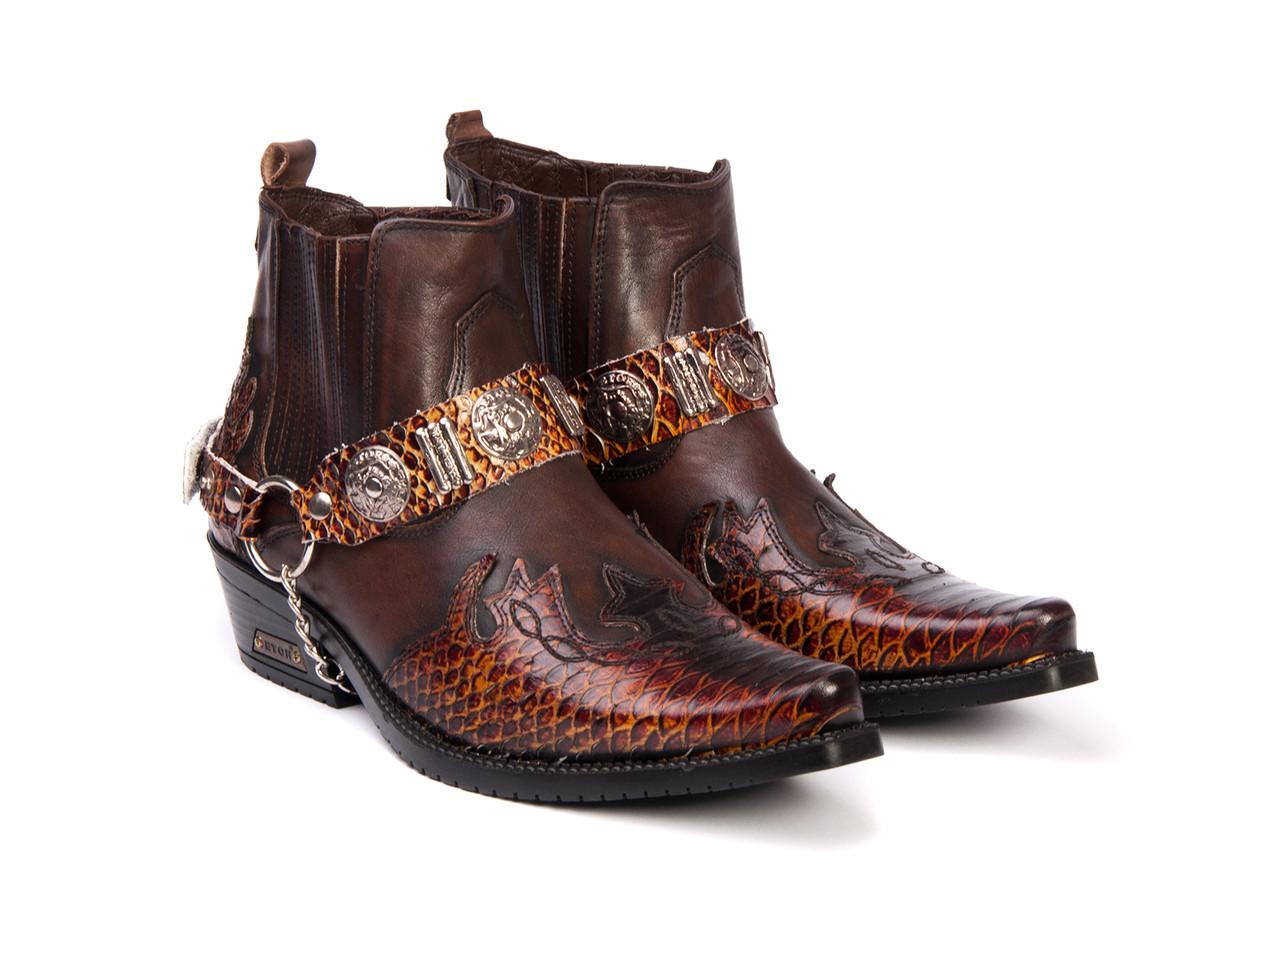 Казаки Etor 2827-8041-2241 43 коричневые